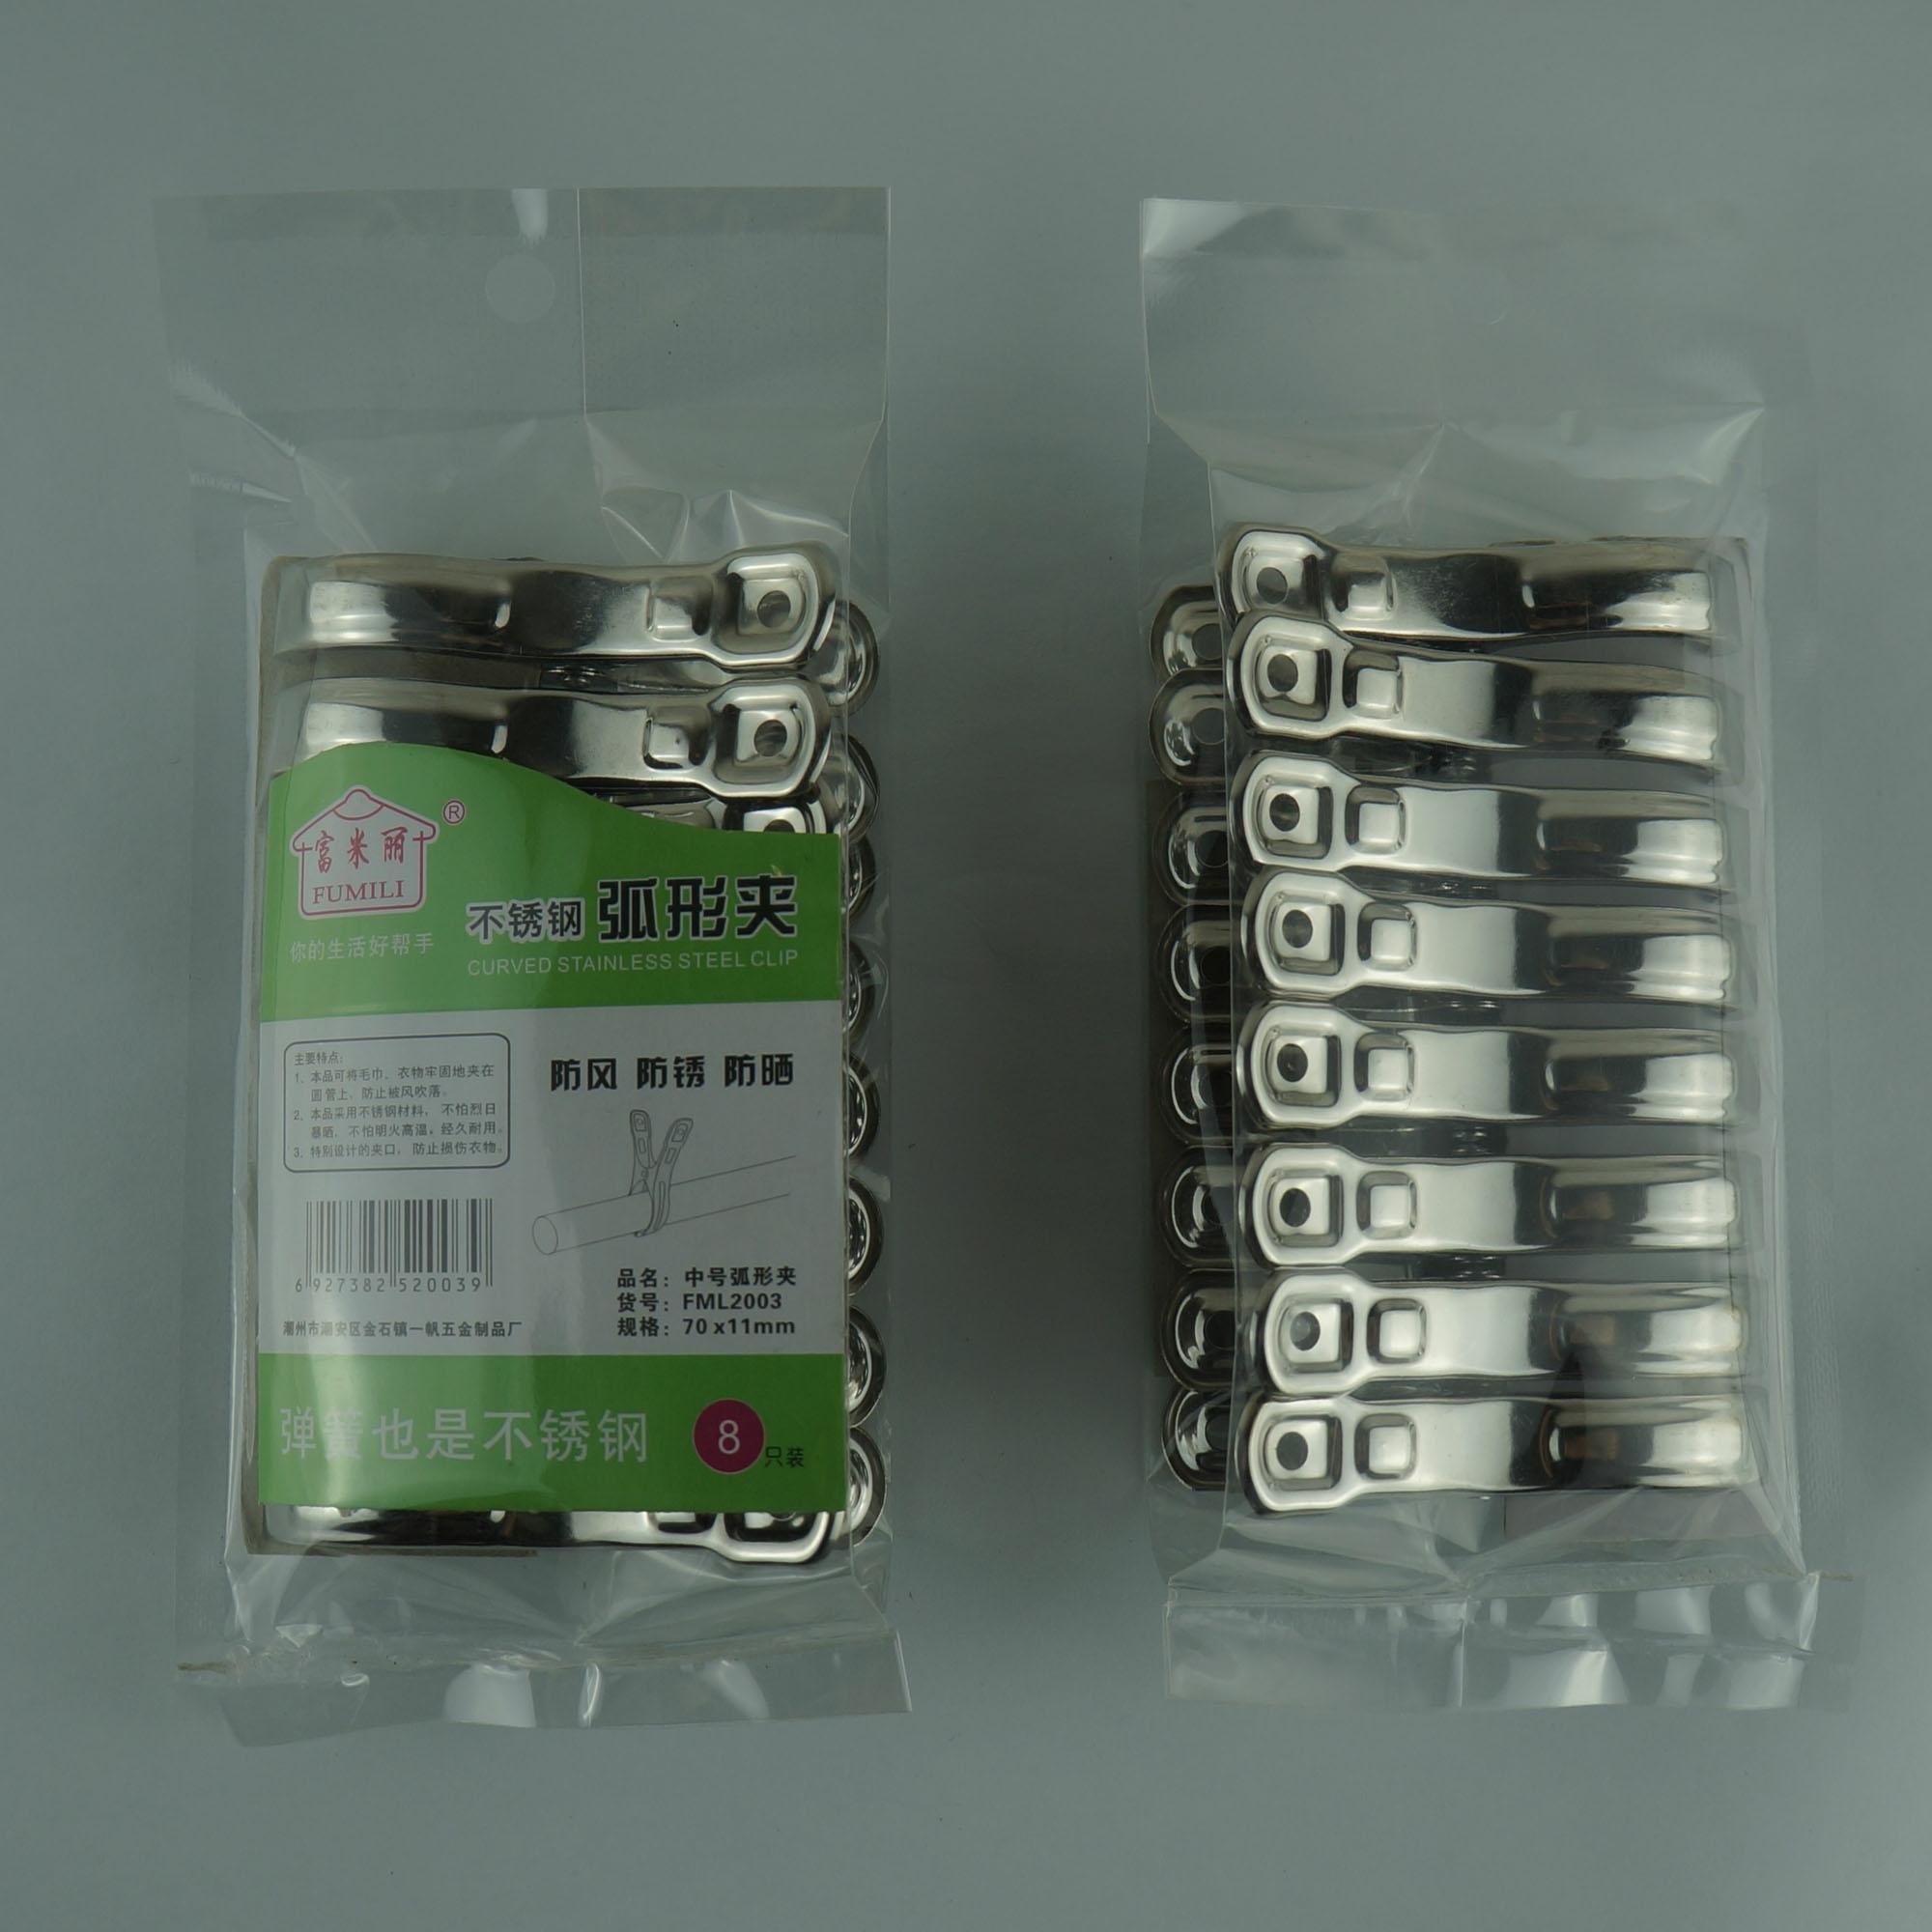 工厂直销 富米丽 中号不锈钢弧形棉被夹 衣夹(M)彩卡包装 1